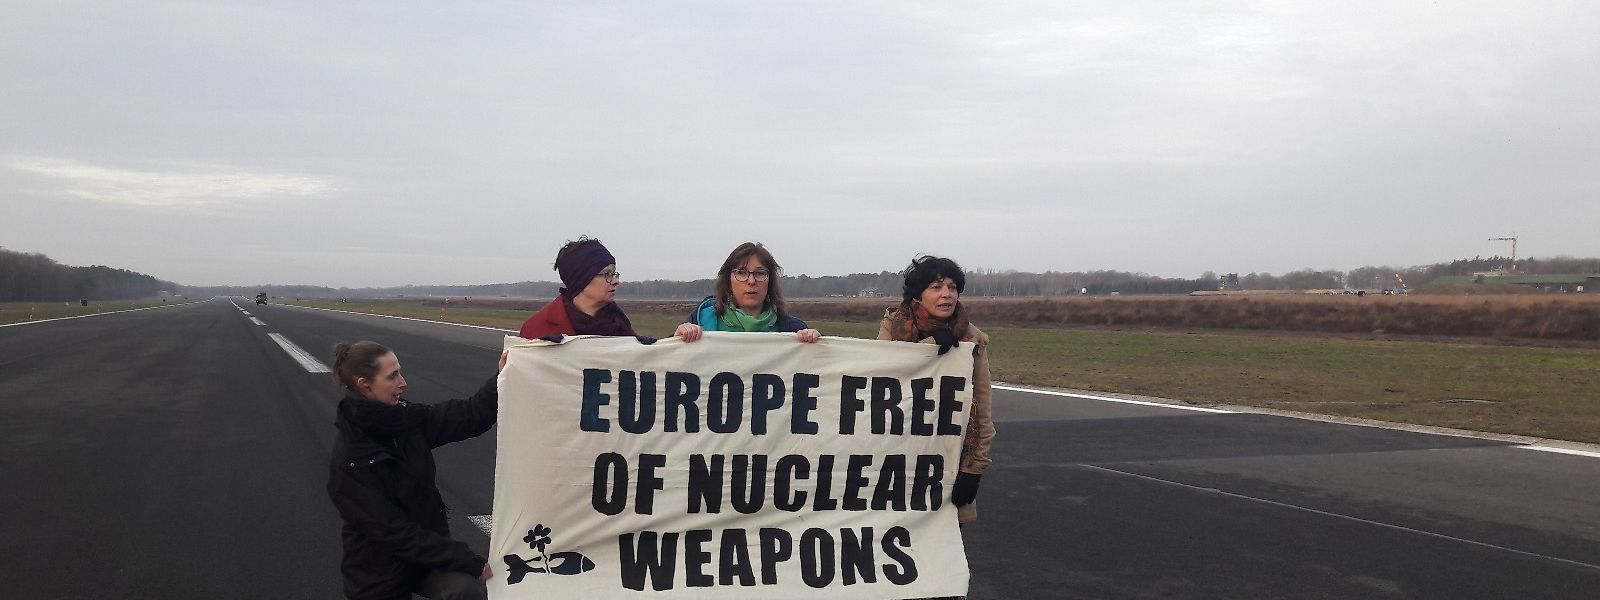 Tilly Metz avec Molly Scott Cato (Grande-Bretagne) et Michèle Rivasi (France) sur la base américaine en Belgique.